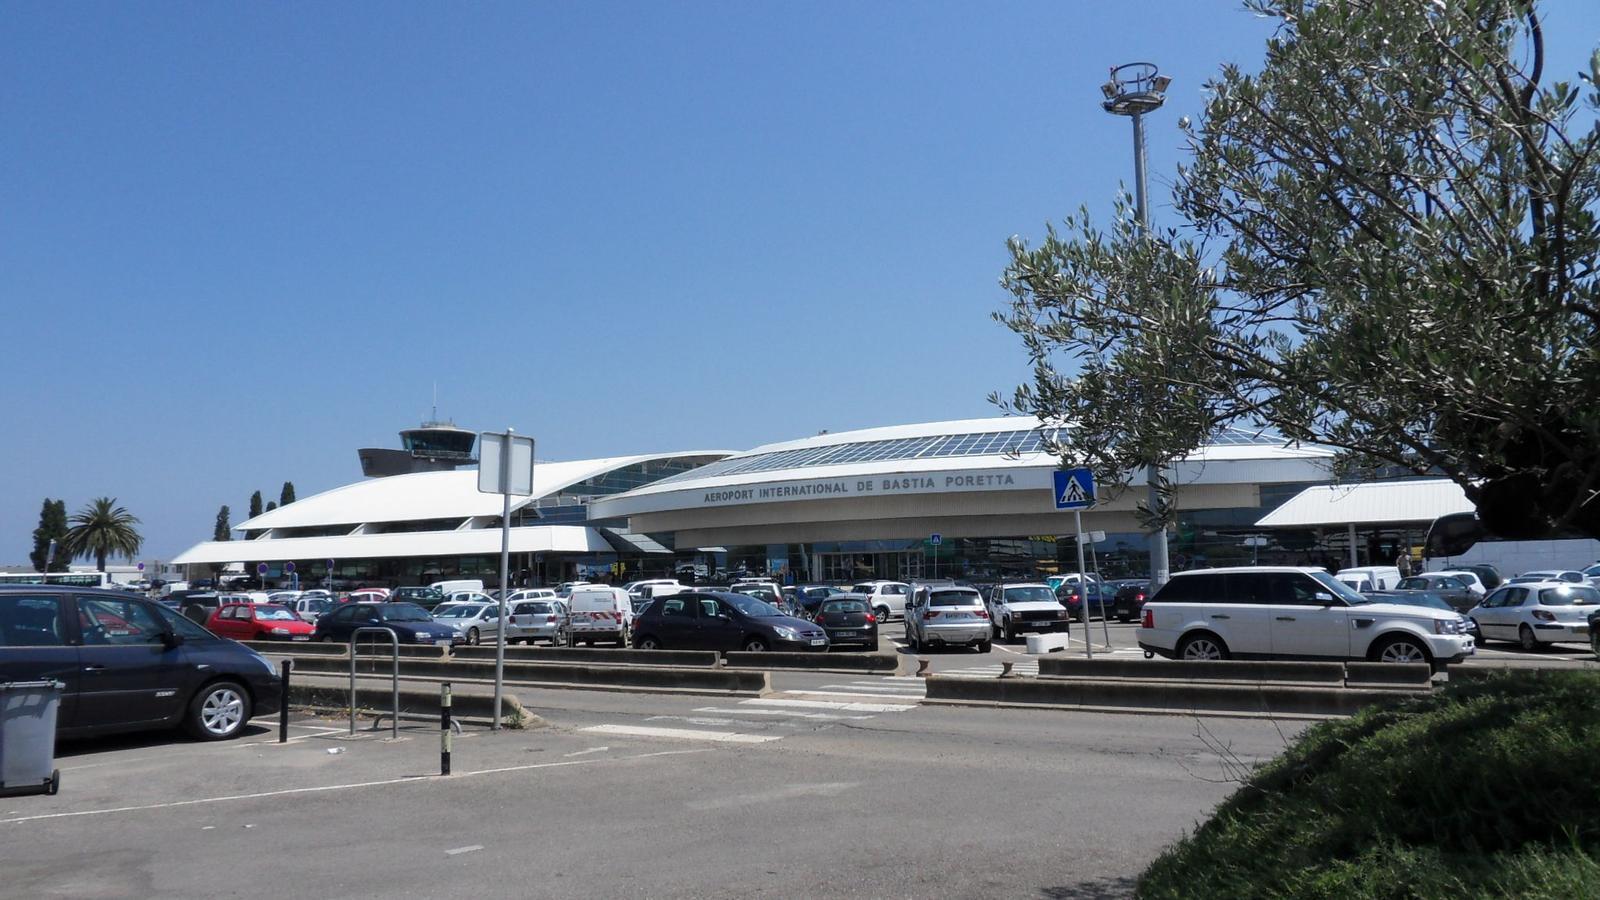 Imatge d'arxiu de l'aeroport de Bastia-Poretta, on s'ha produït el tiroteig